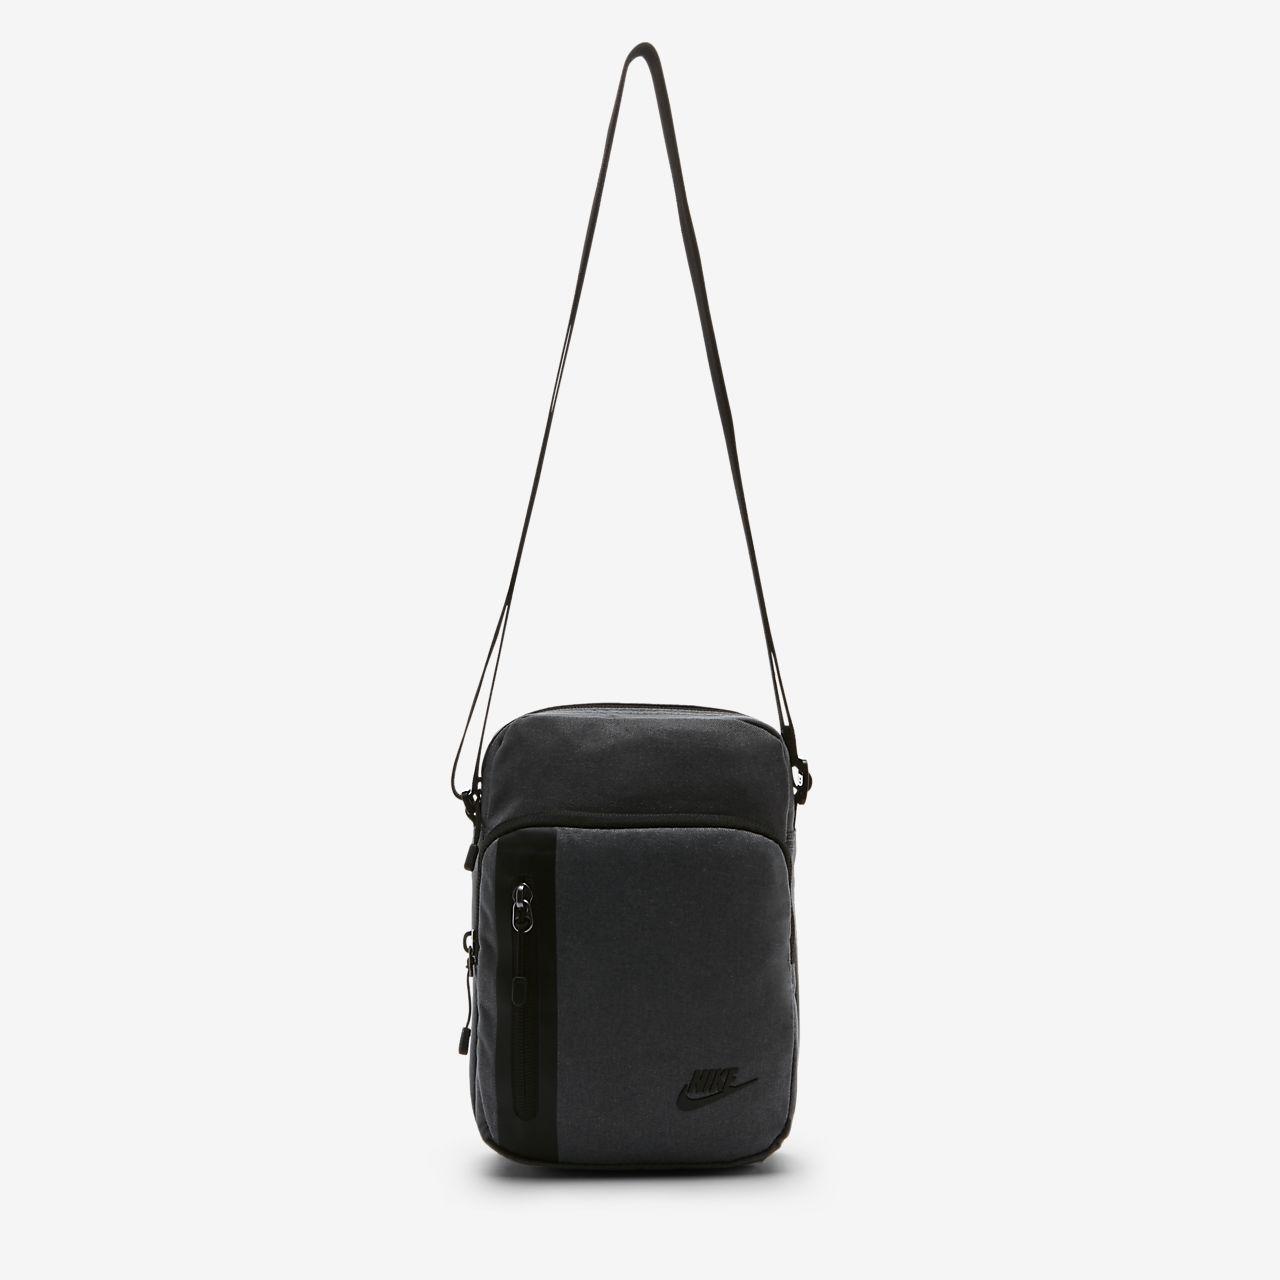 Taška Nike Core Small Items 3.0